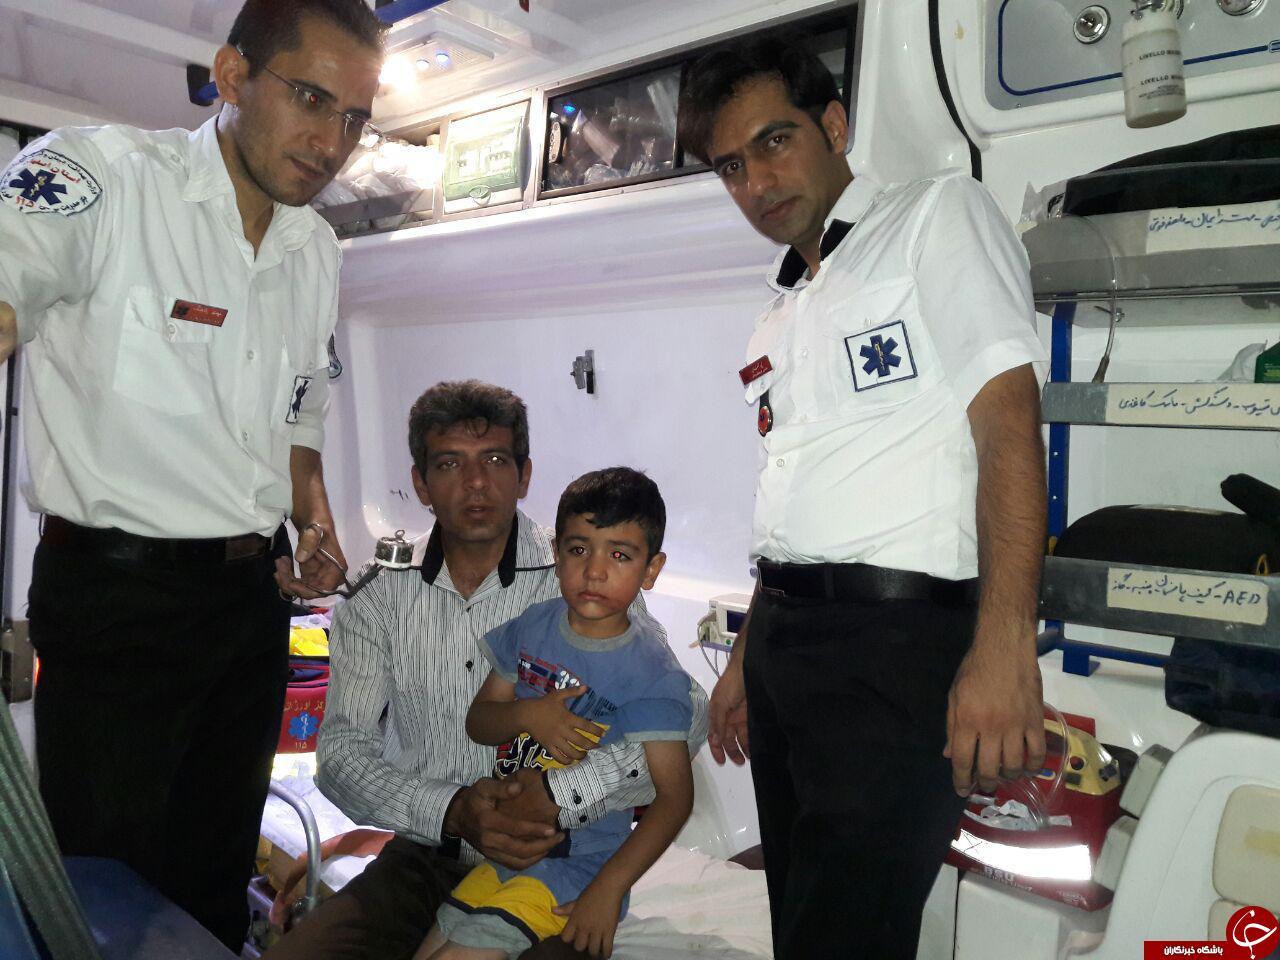 ماجرای کودکی که درب بطری را بلعید + عکس